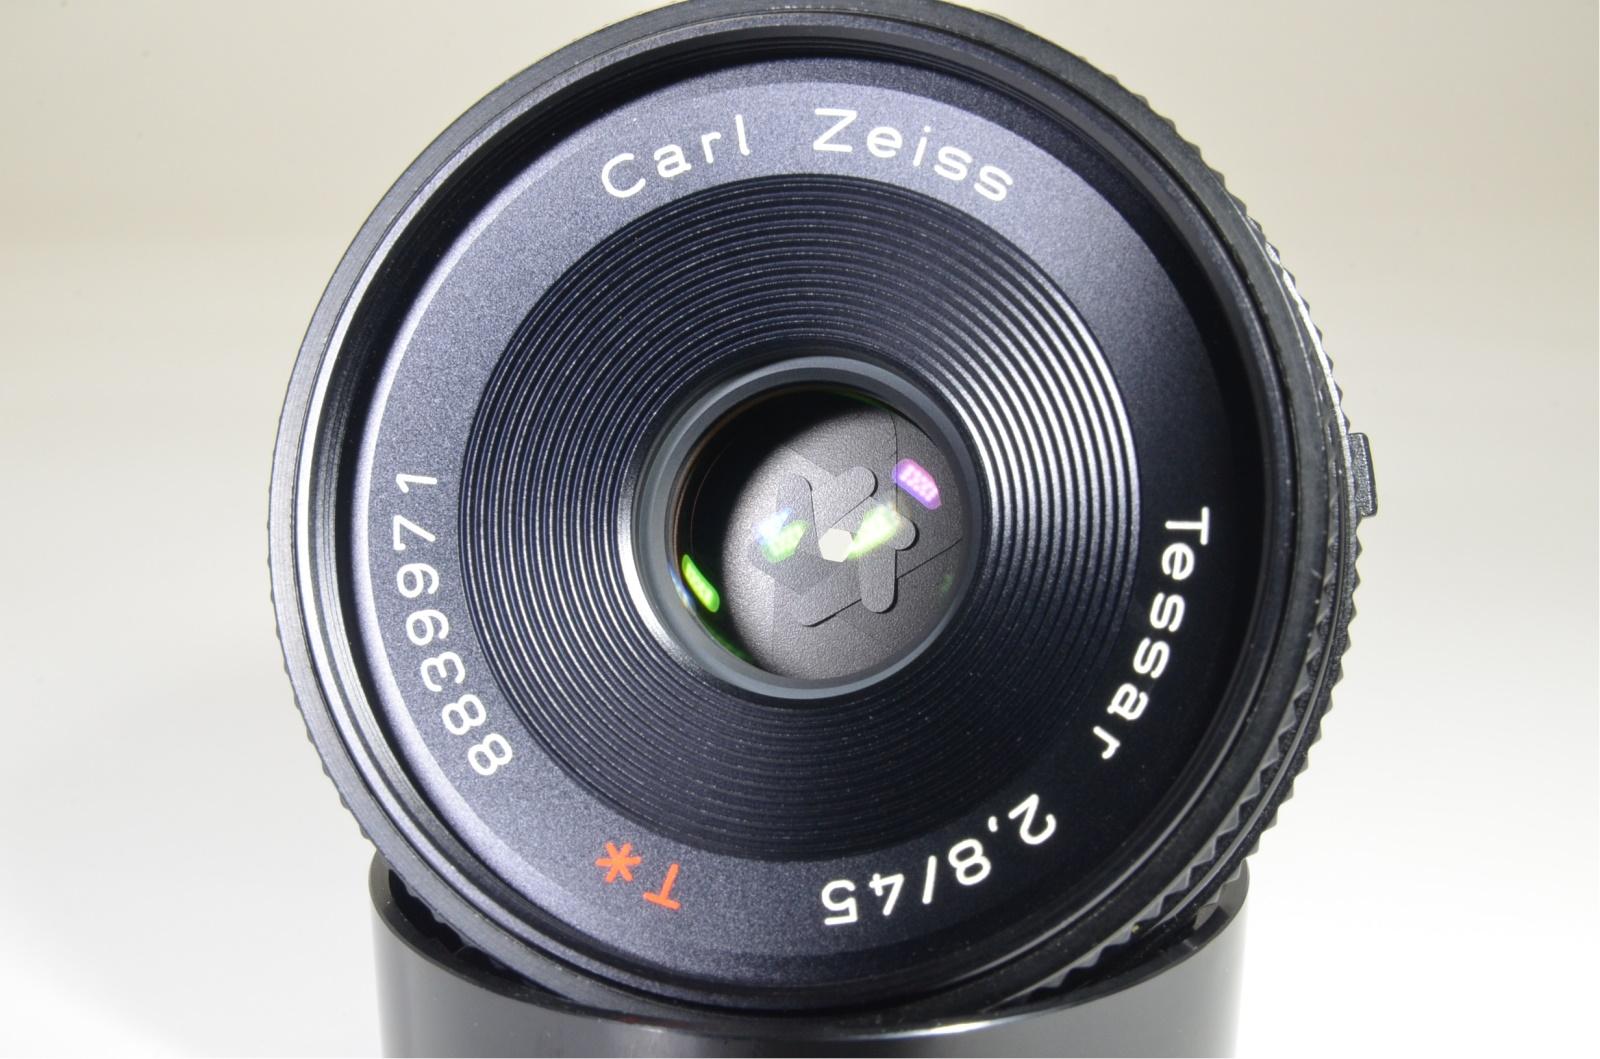 contax aria data back, tessar 45mm f2.8, vario-sonnar 28-70mm mmj film tested